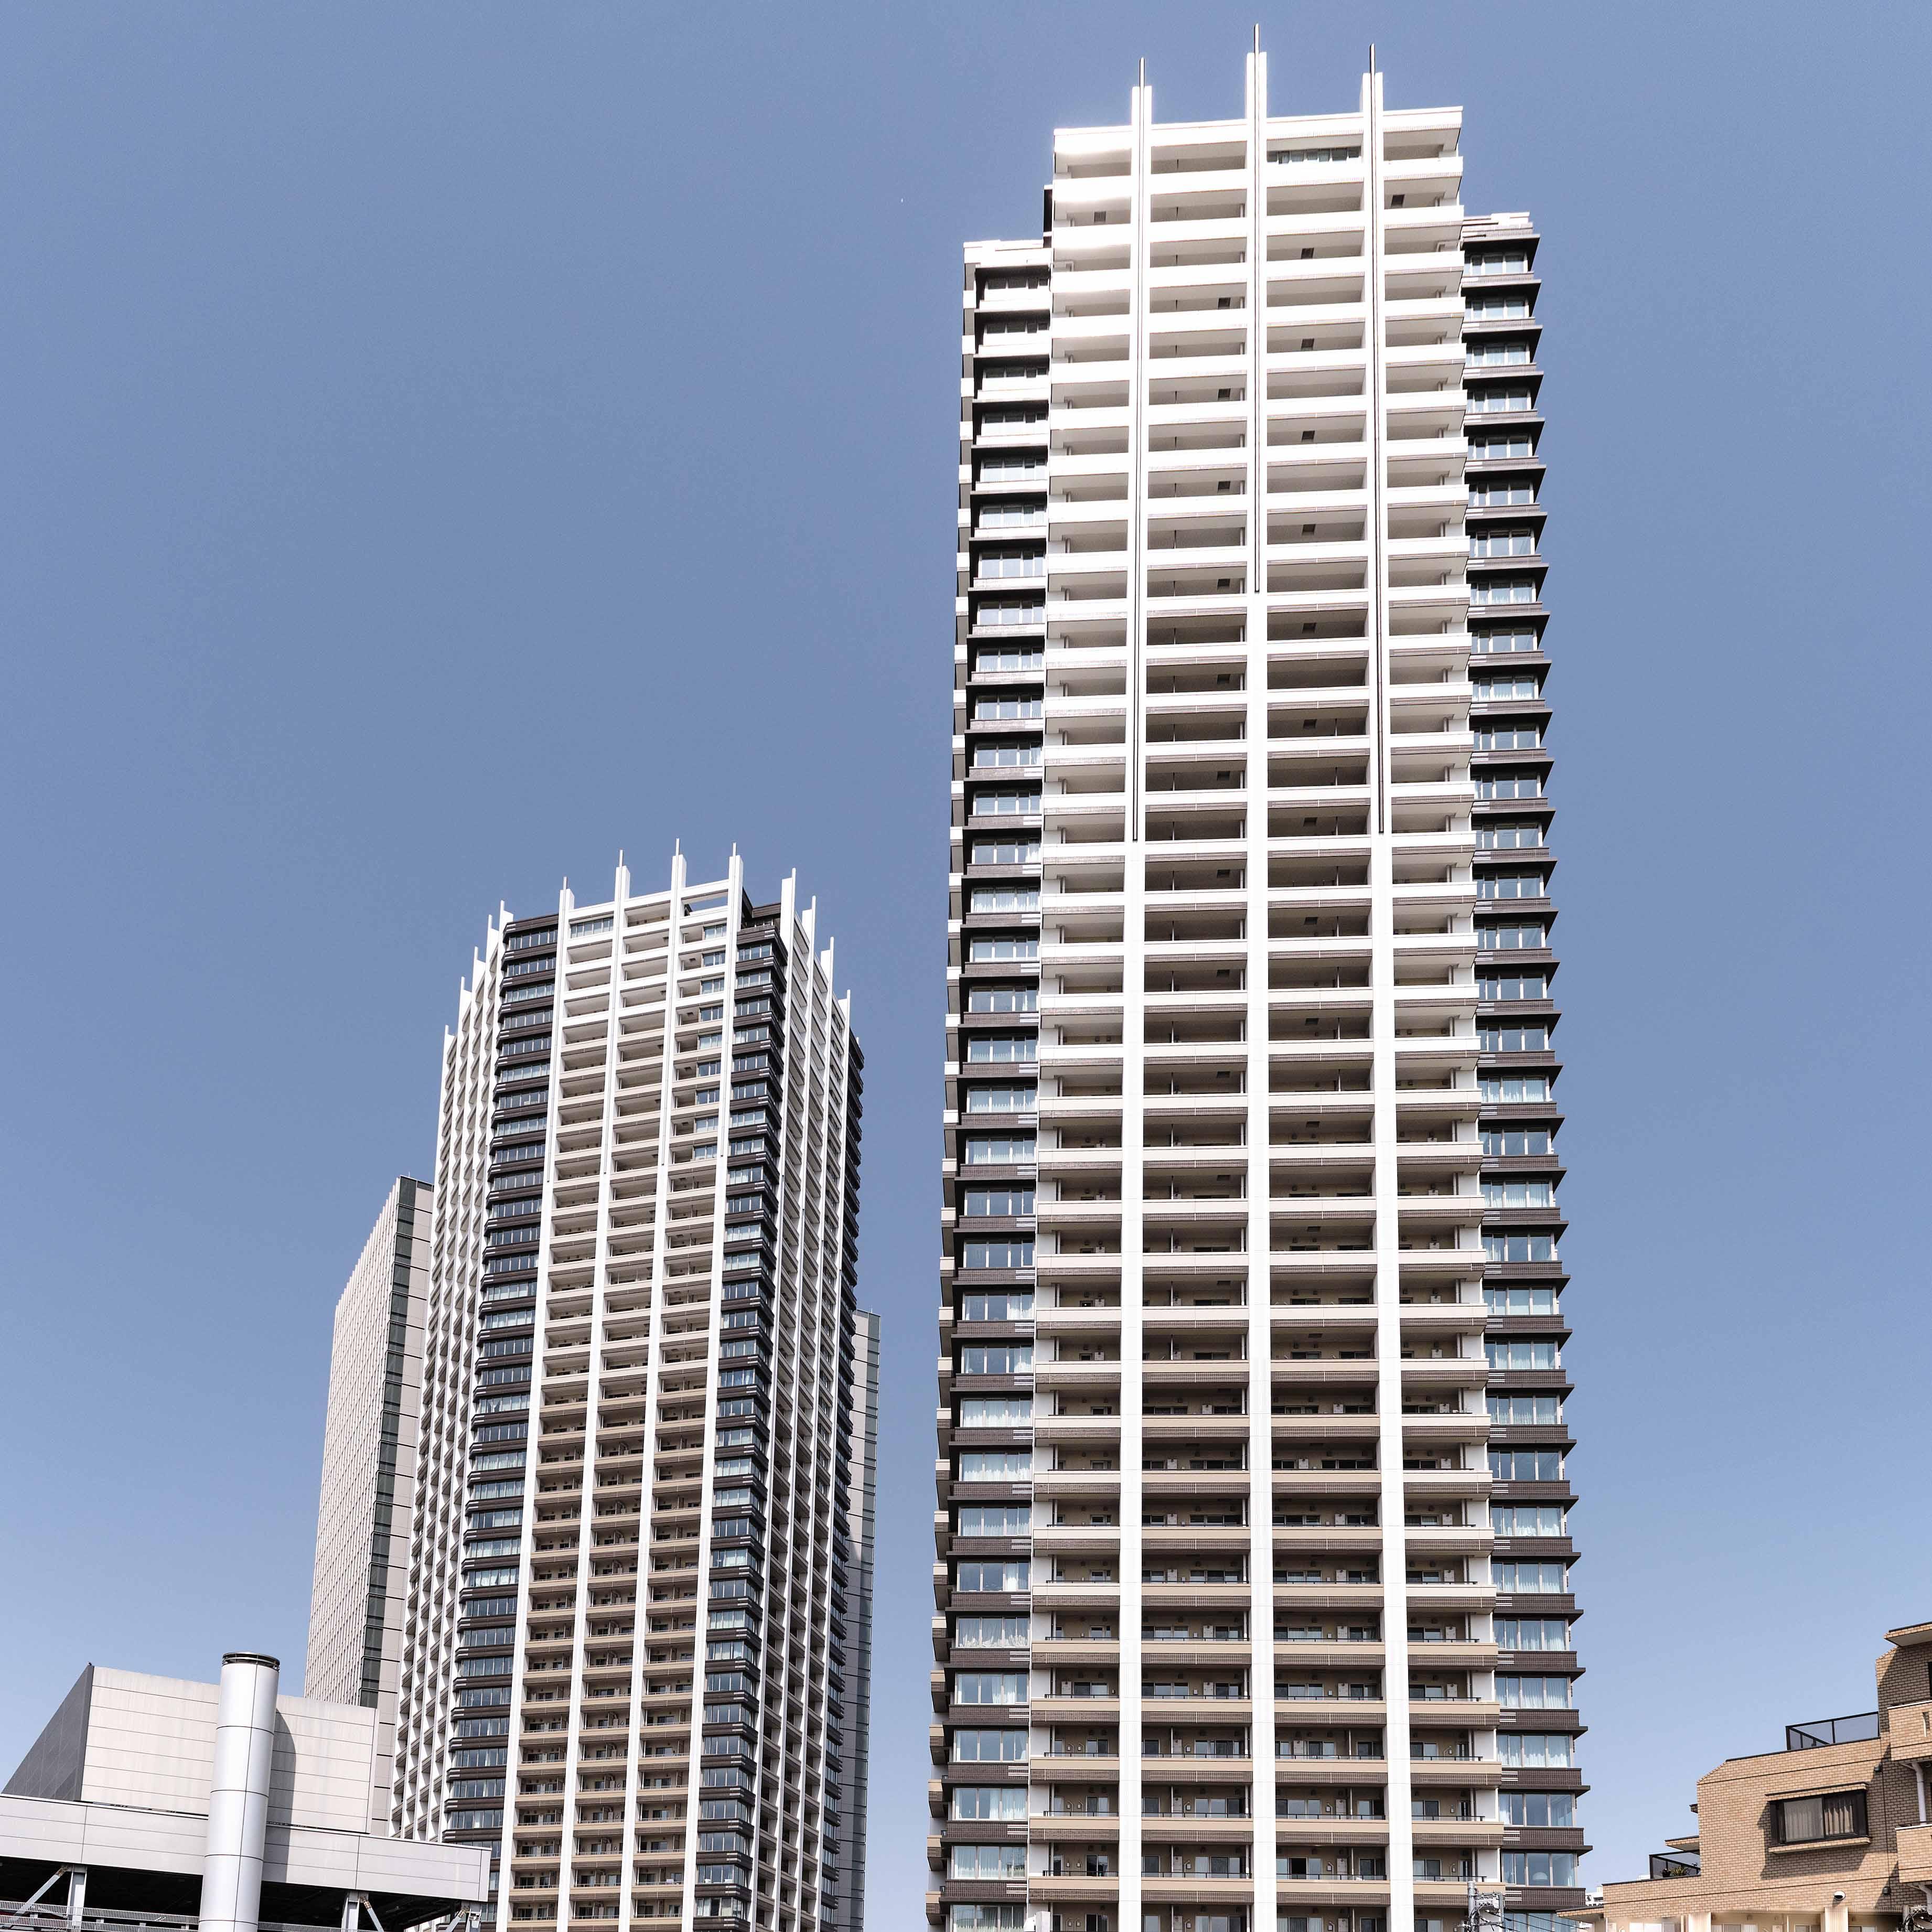 ブリリアタワーズ目黒は、利便性と居住環境抜群のタワーマンション!